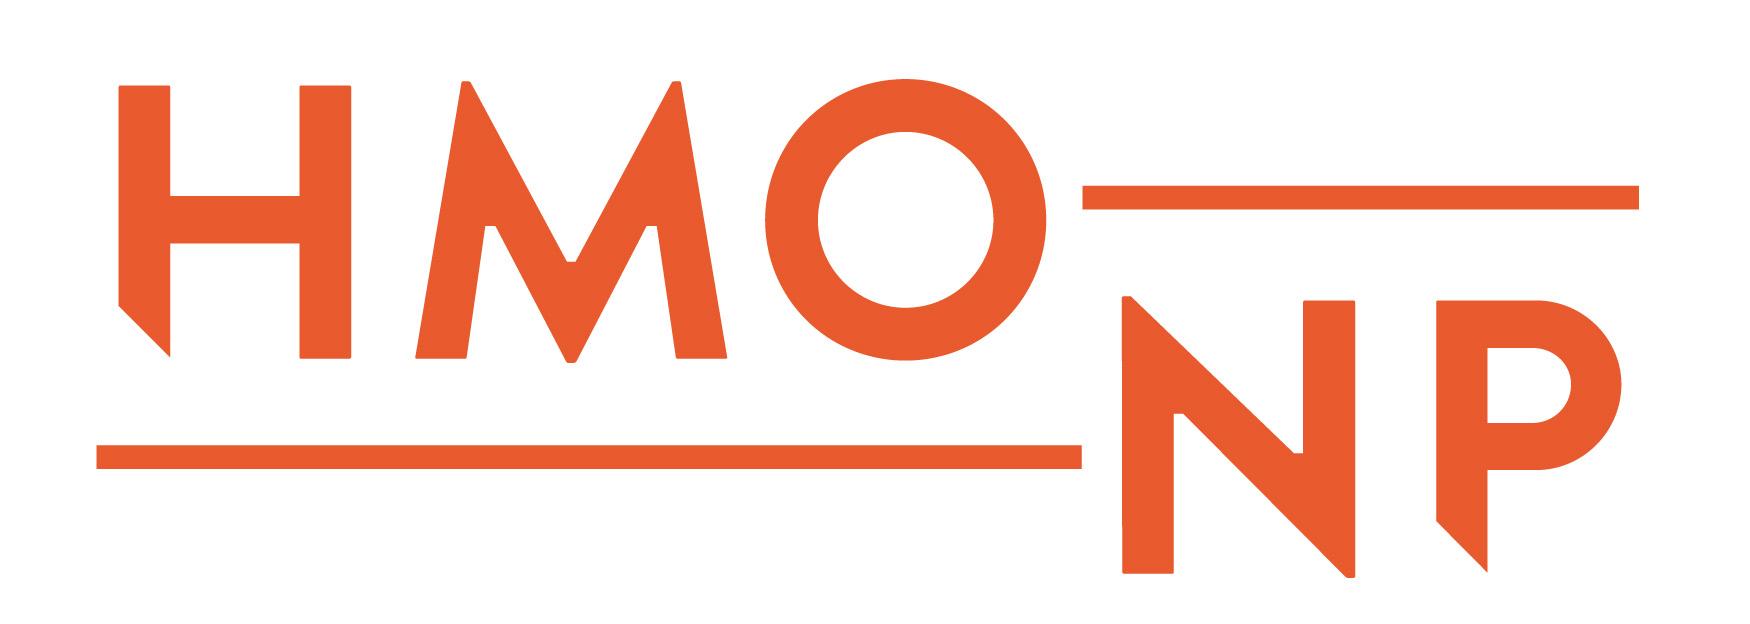 hmonp.jpg